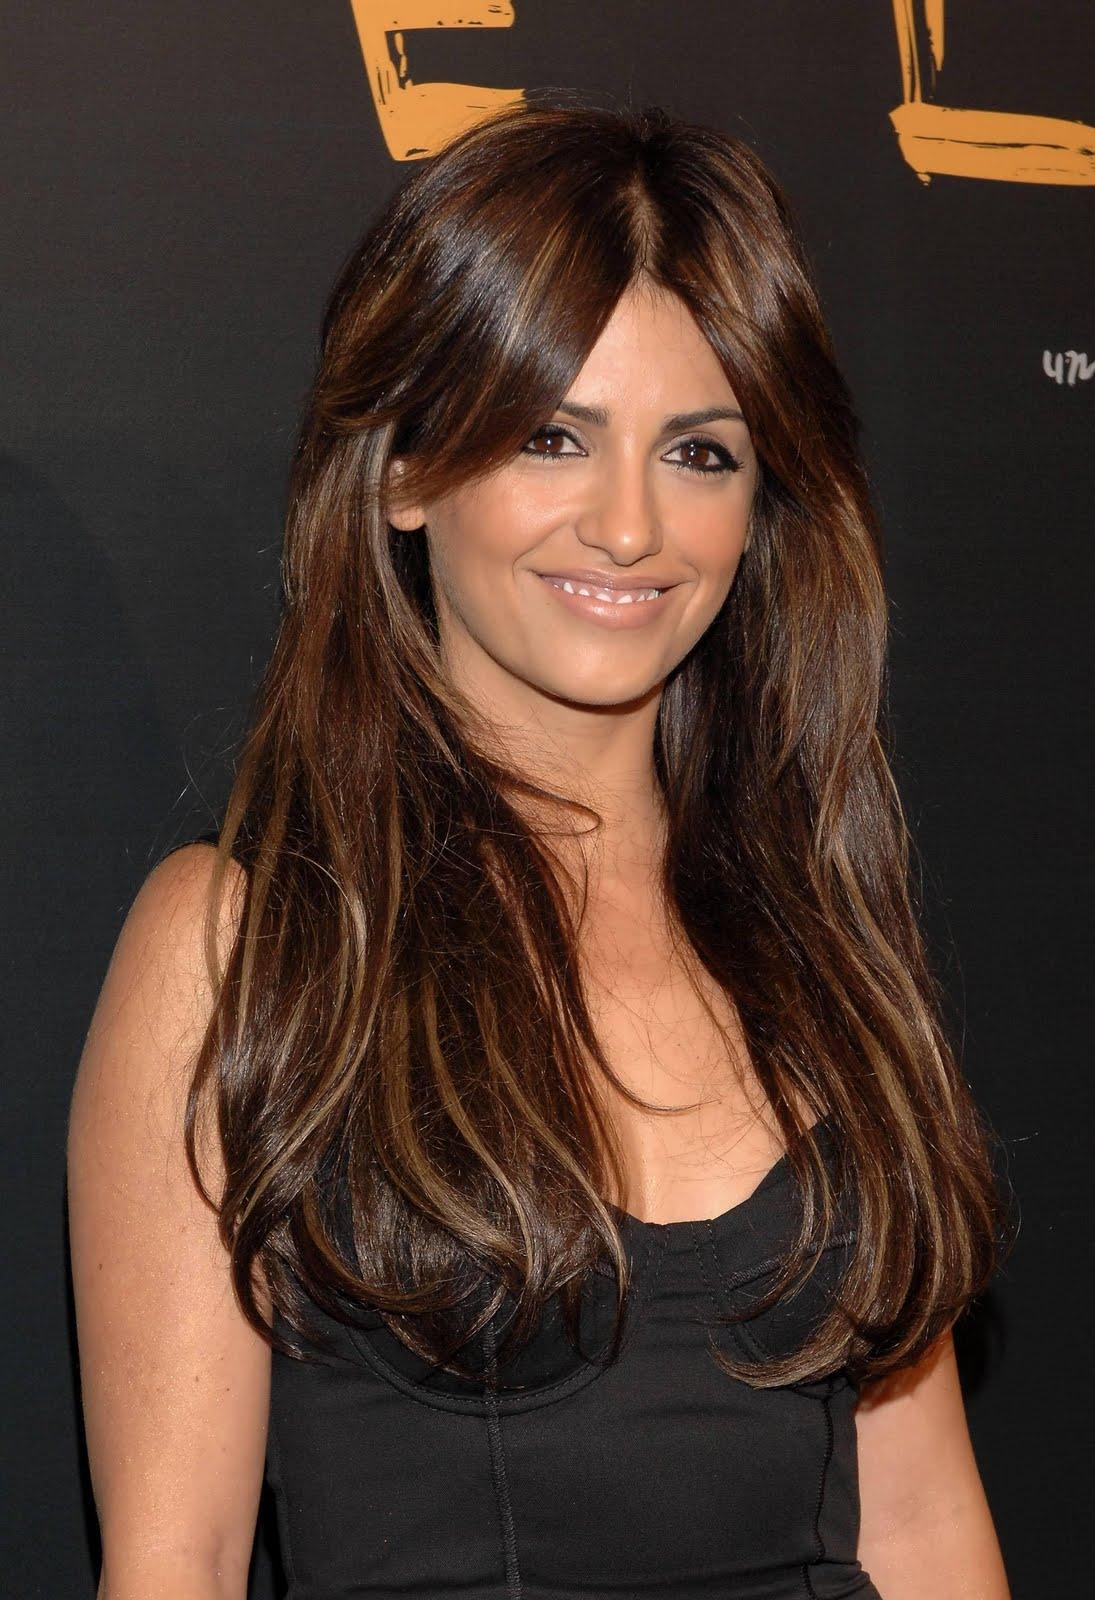 http://4.bp.blogspot.com/-OdgUInayhGg/TjE8TjbCcbI/AAAAAAAAD3Q/W-LuIK7hNls/s1600/Monica-Cruz-2054x3000-643kb-media-3307-media-144647-1231752902.jpg